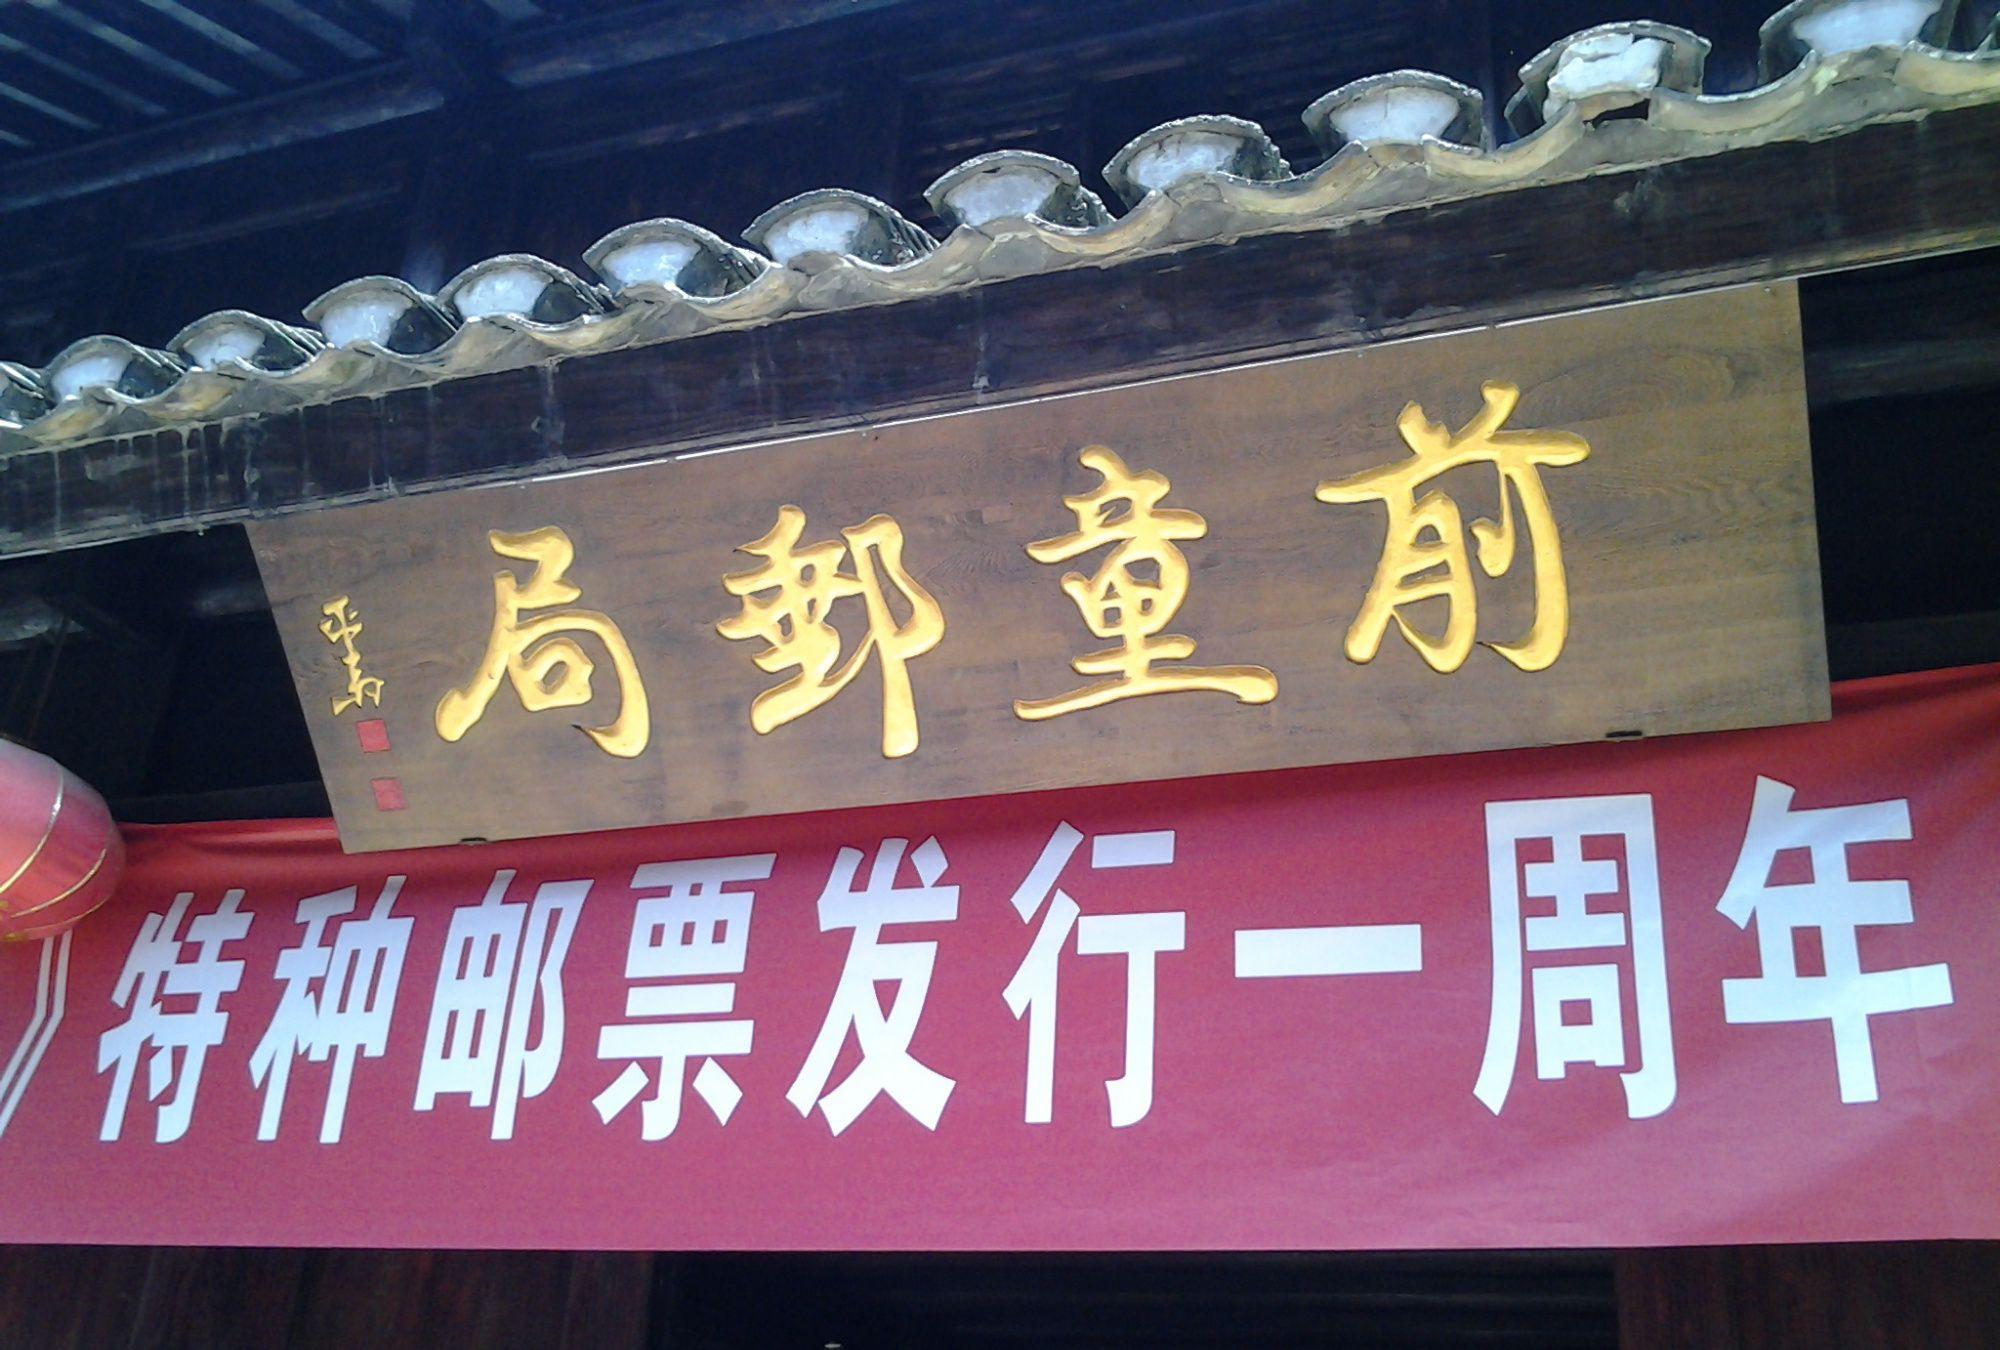 宁海前童古镇,是一个历史悠久,文化积淀深厚的浙东古镇